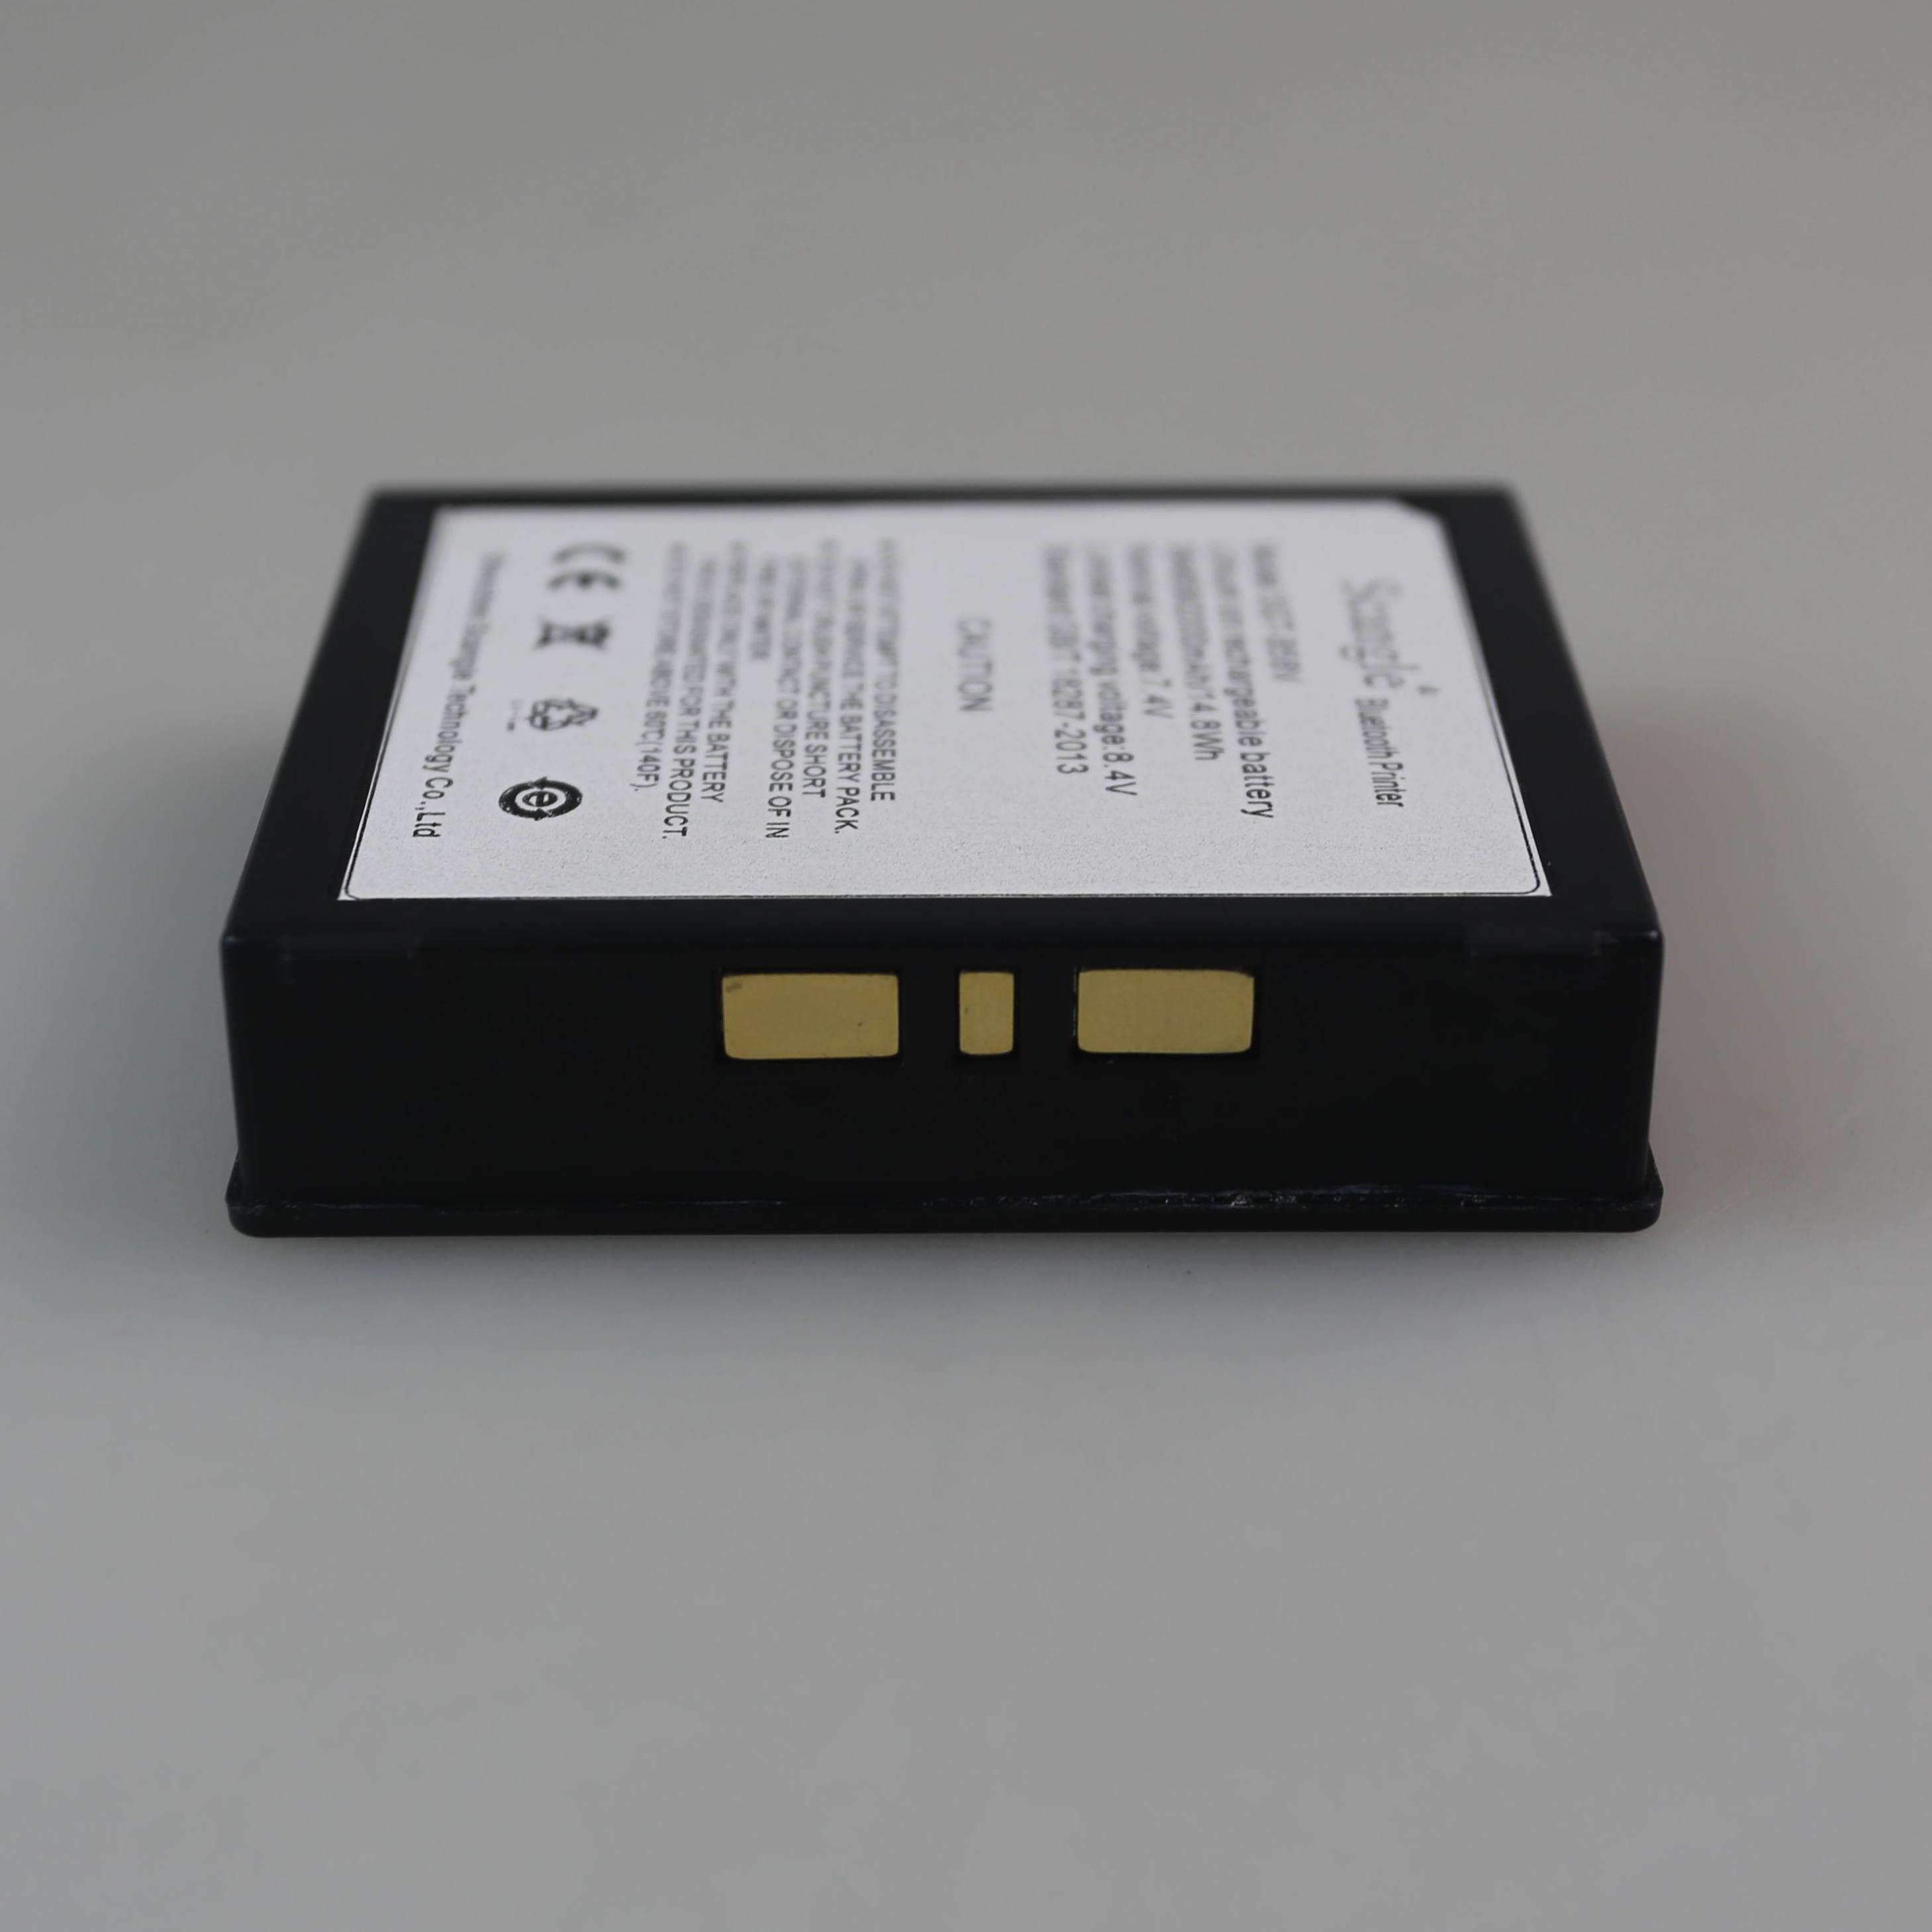 云帆12V80AH锂电池 大容量带防水盒锂电池 疝气灯 12V锂电池